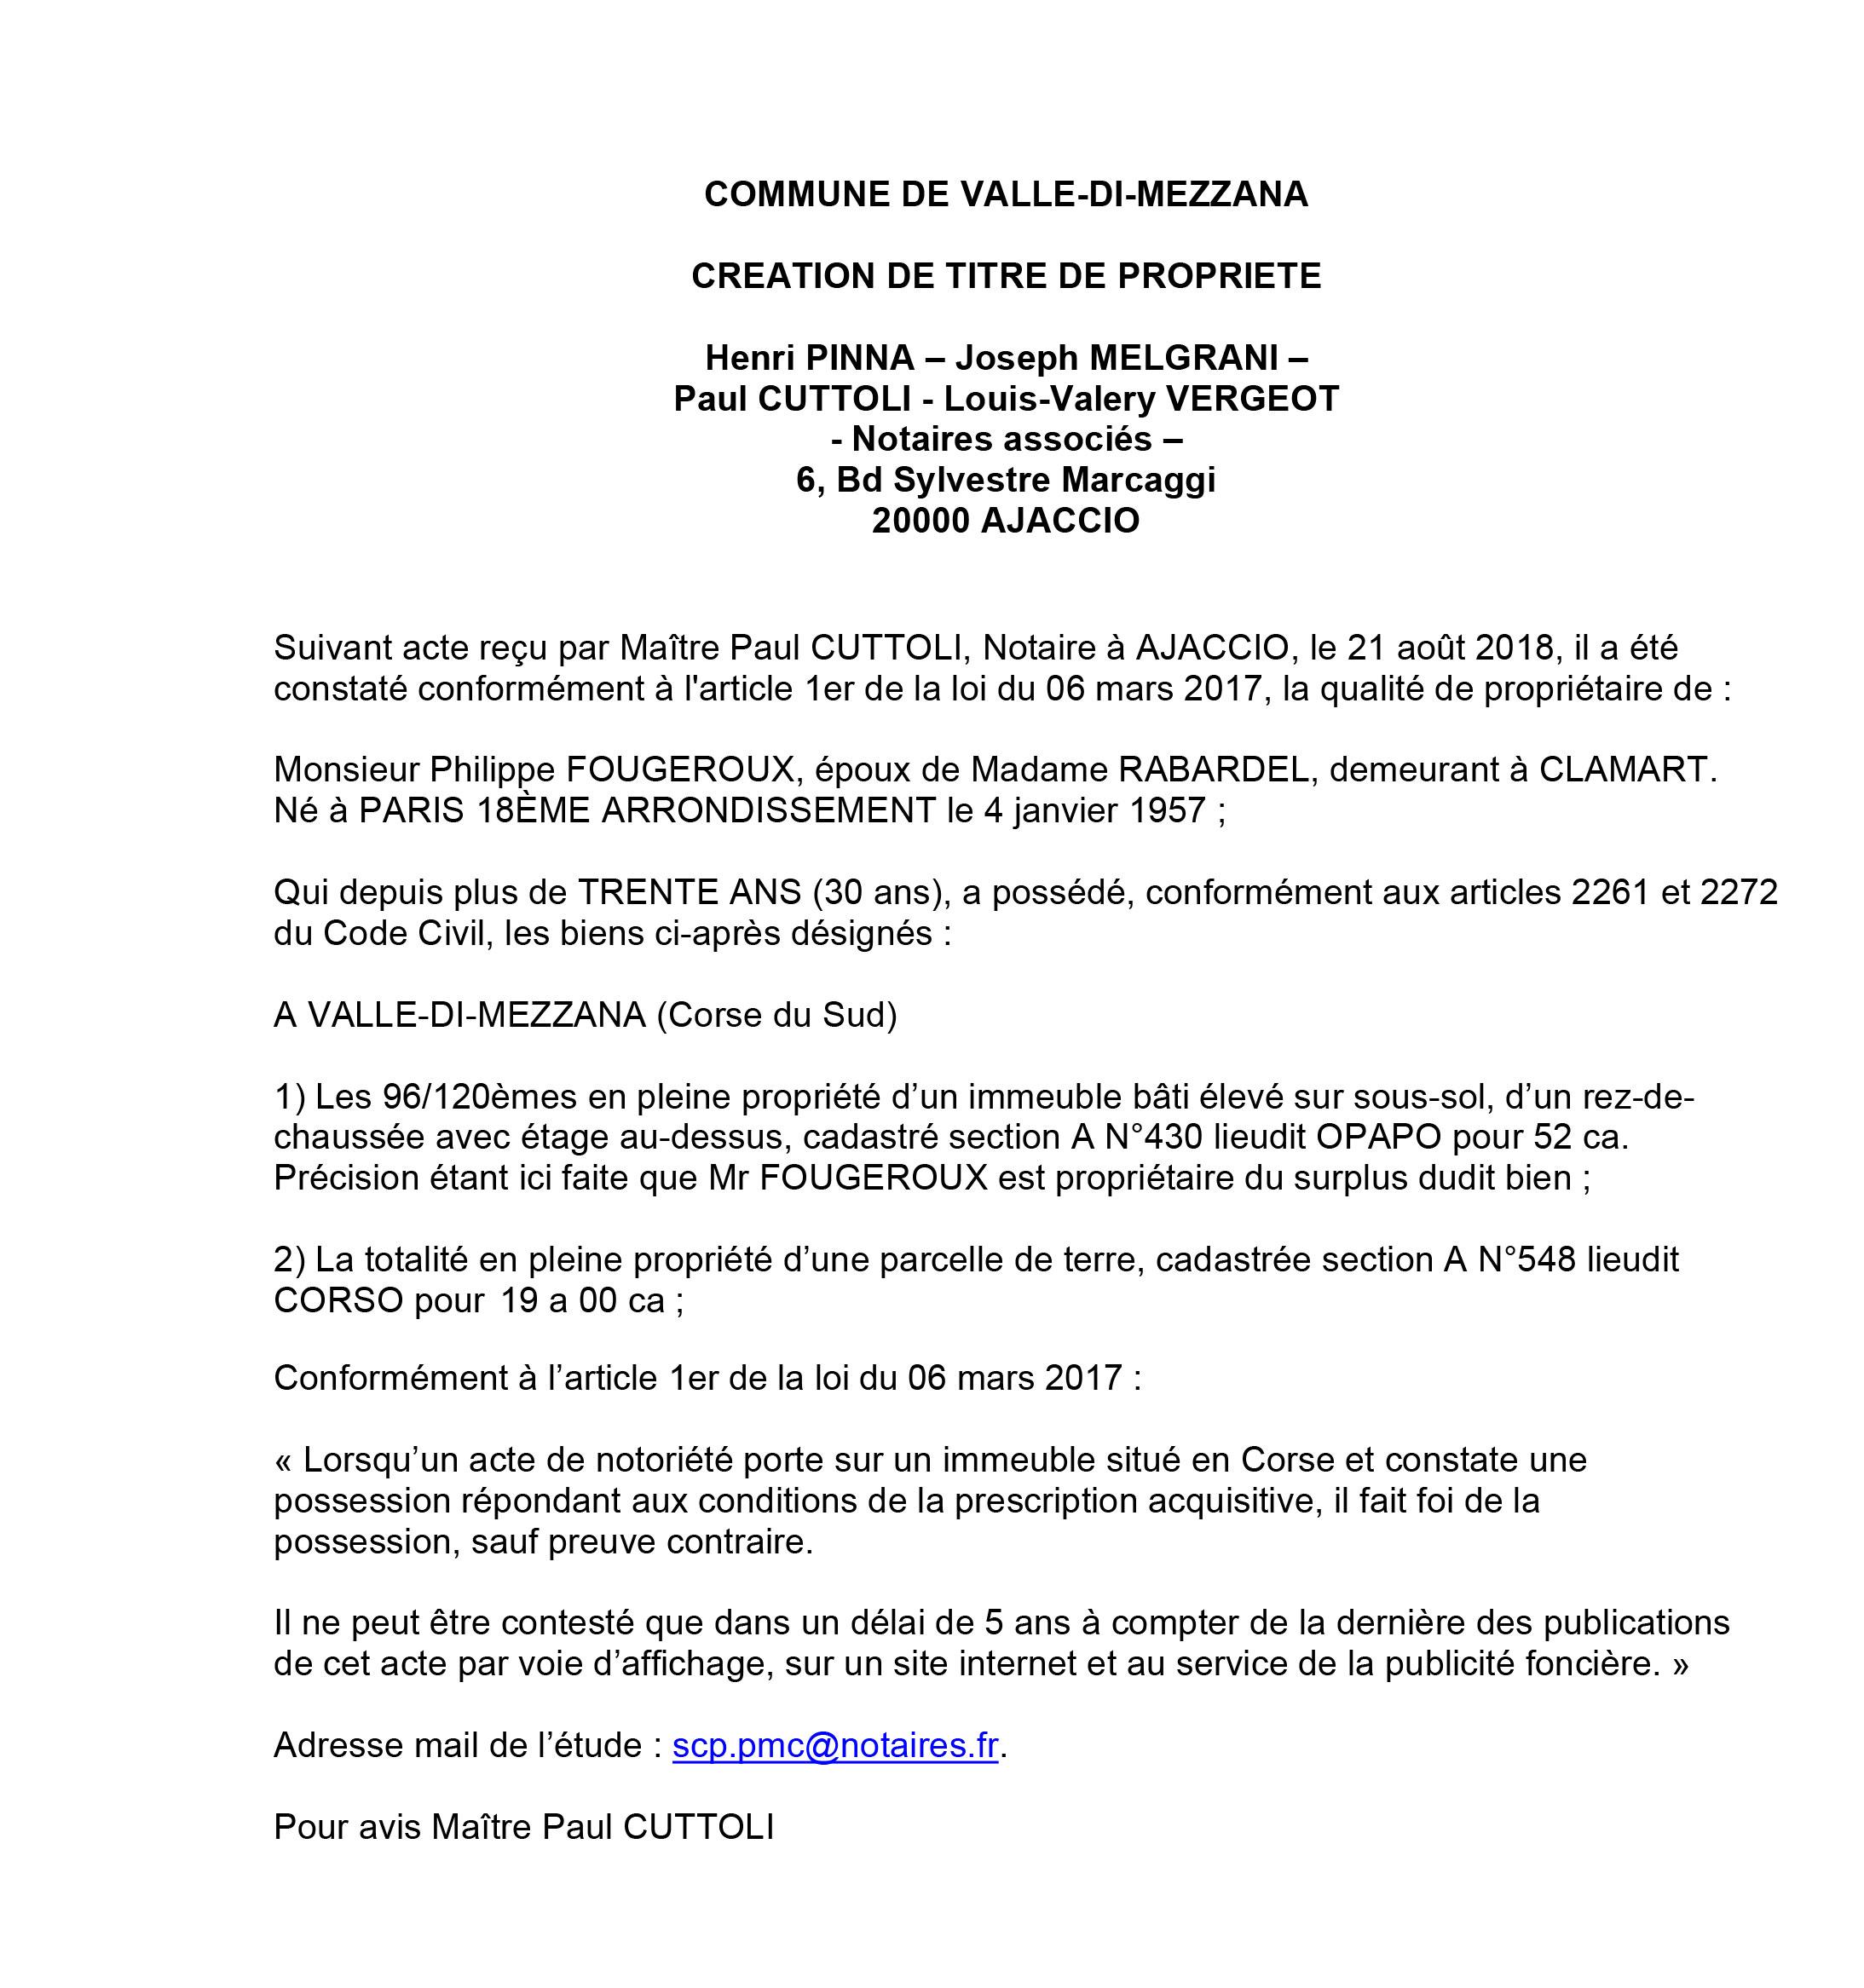 Avis de création de titre de propriété - commune Valle di Mezzana (Corse du Sud)